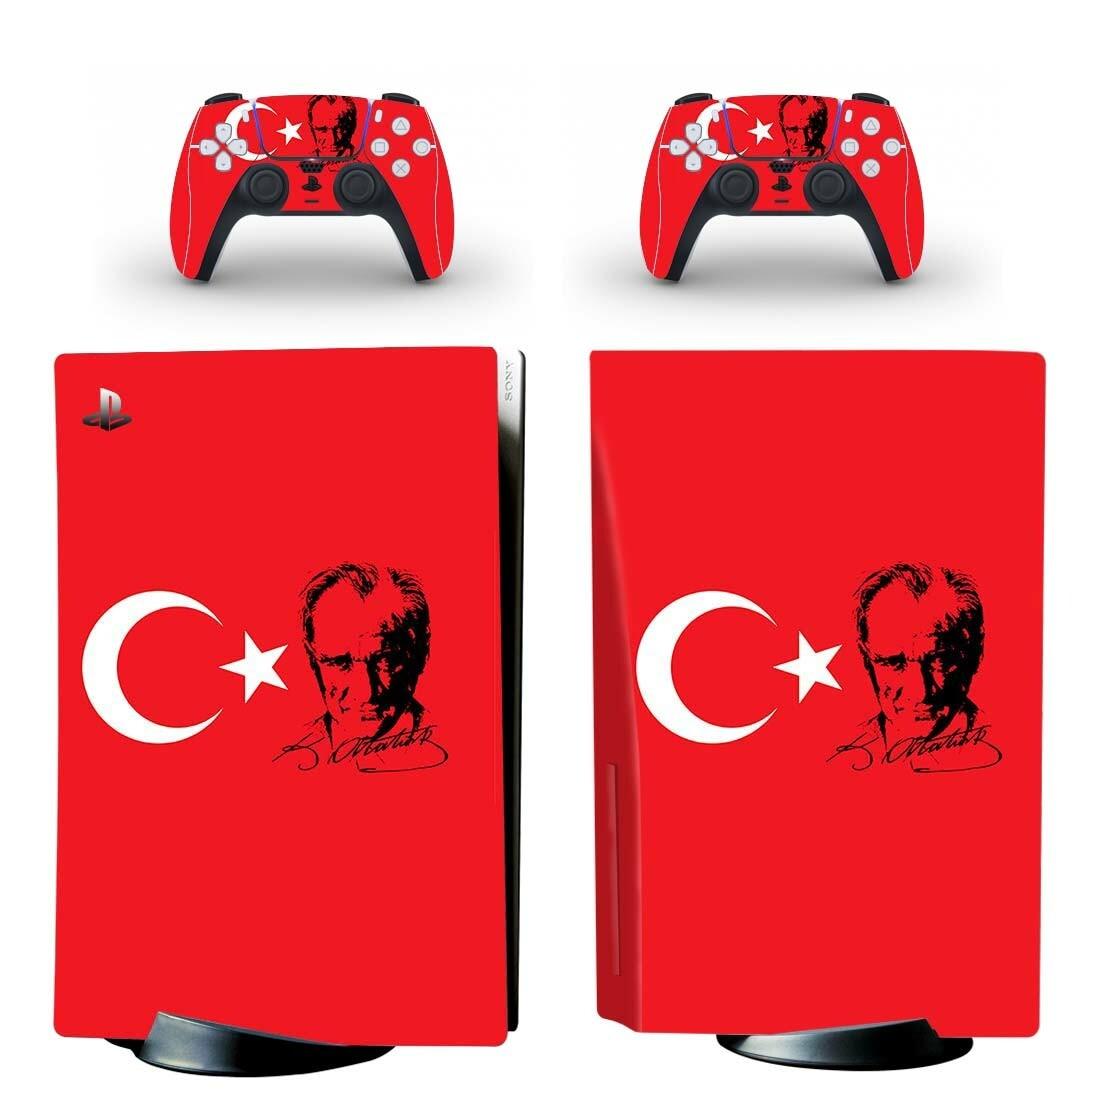 تركيا العلم PS5 القياسية القرص طبعة الجلد ملصق مائي غطاء ل بلاي ستيشن 5 وحدة التحكم و تحكم PS5 الجلد ملصق الفينيل